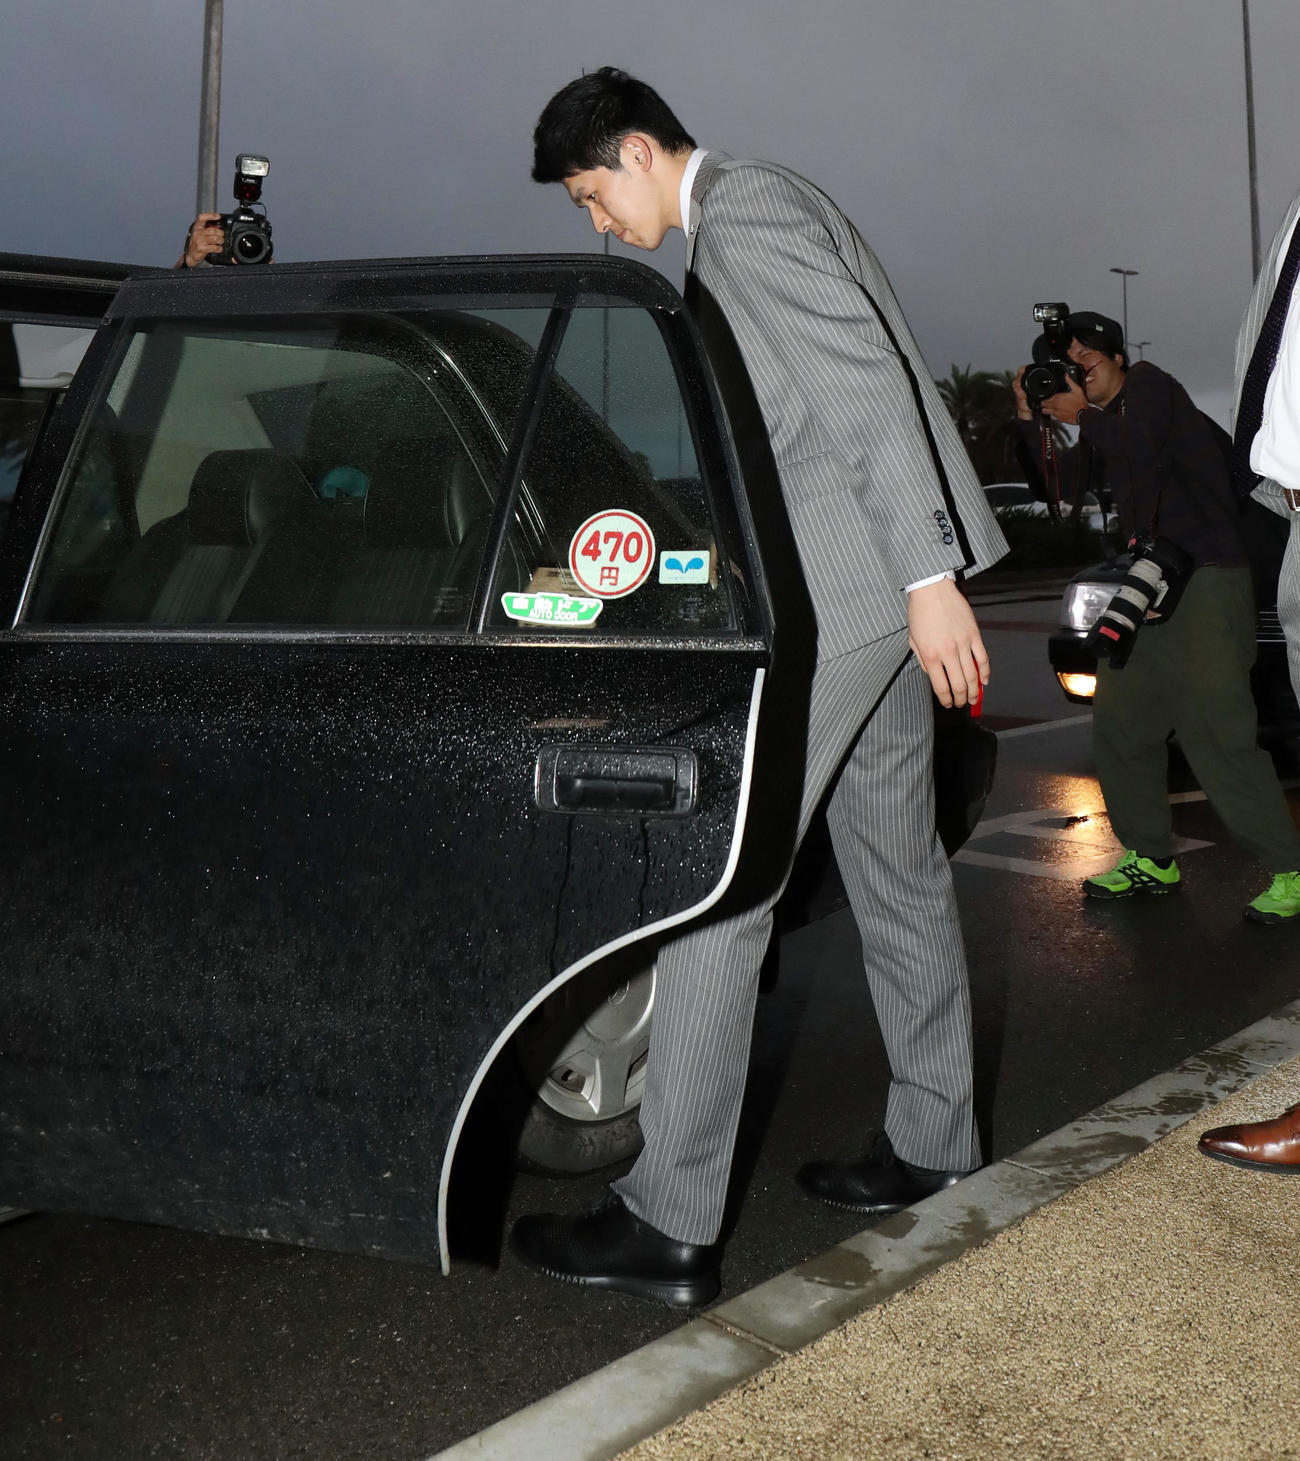 新石垣空港に到着したロッテ佐々木朗はタクシーに乗り込みホテルに向かう(撮影・垰建太)